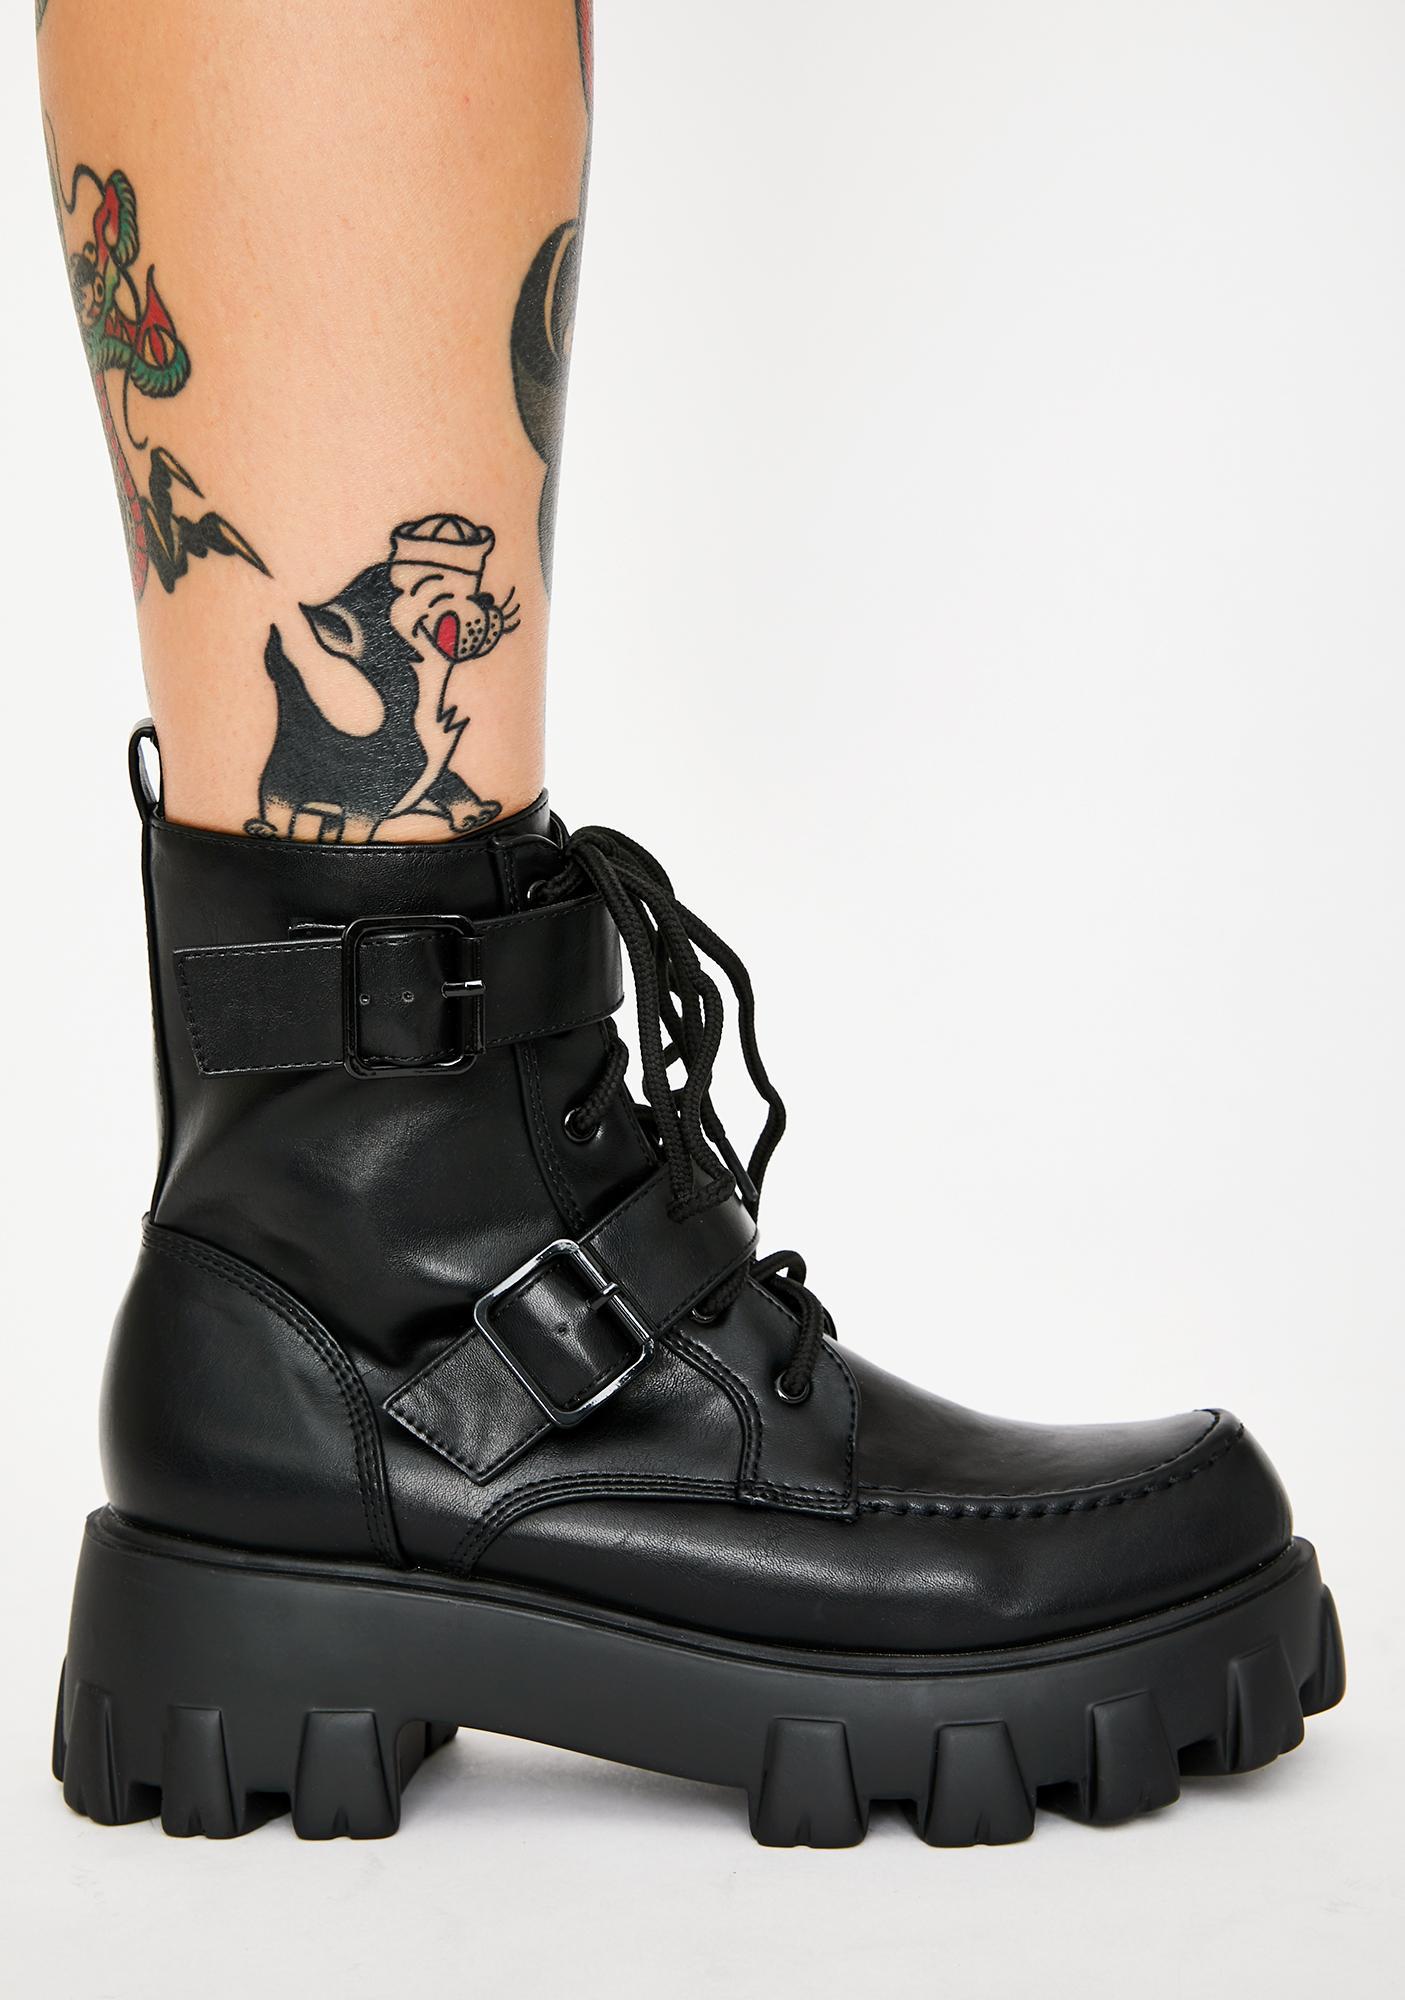 Dark Illegal Loner Combat Boots